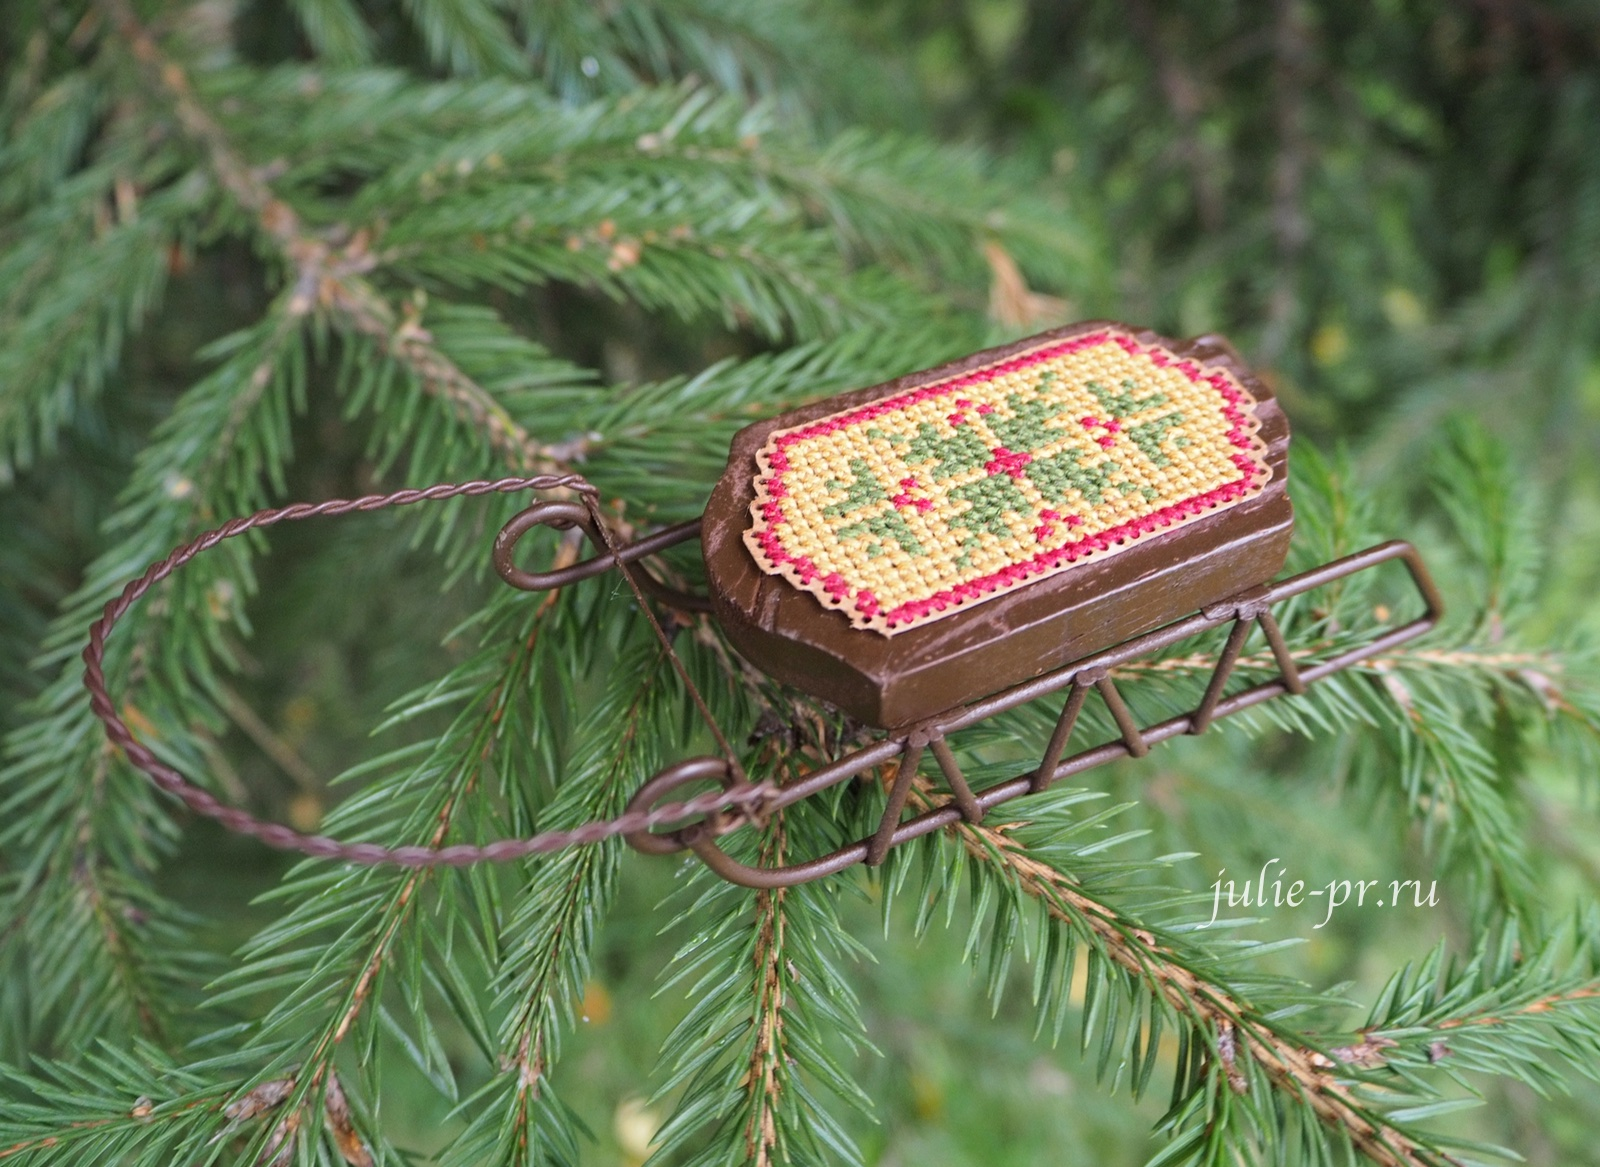 деревянные санки с вышивкой, саночки, Small Sled Ornament, Quaker Sleds, Foxwood Crossings, вышивка крестом, елочная игрушка, вышивка на перфорированной бумаге Mill hill, Darice